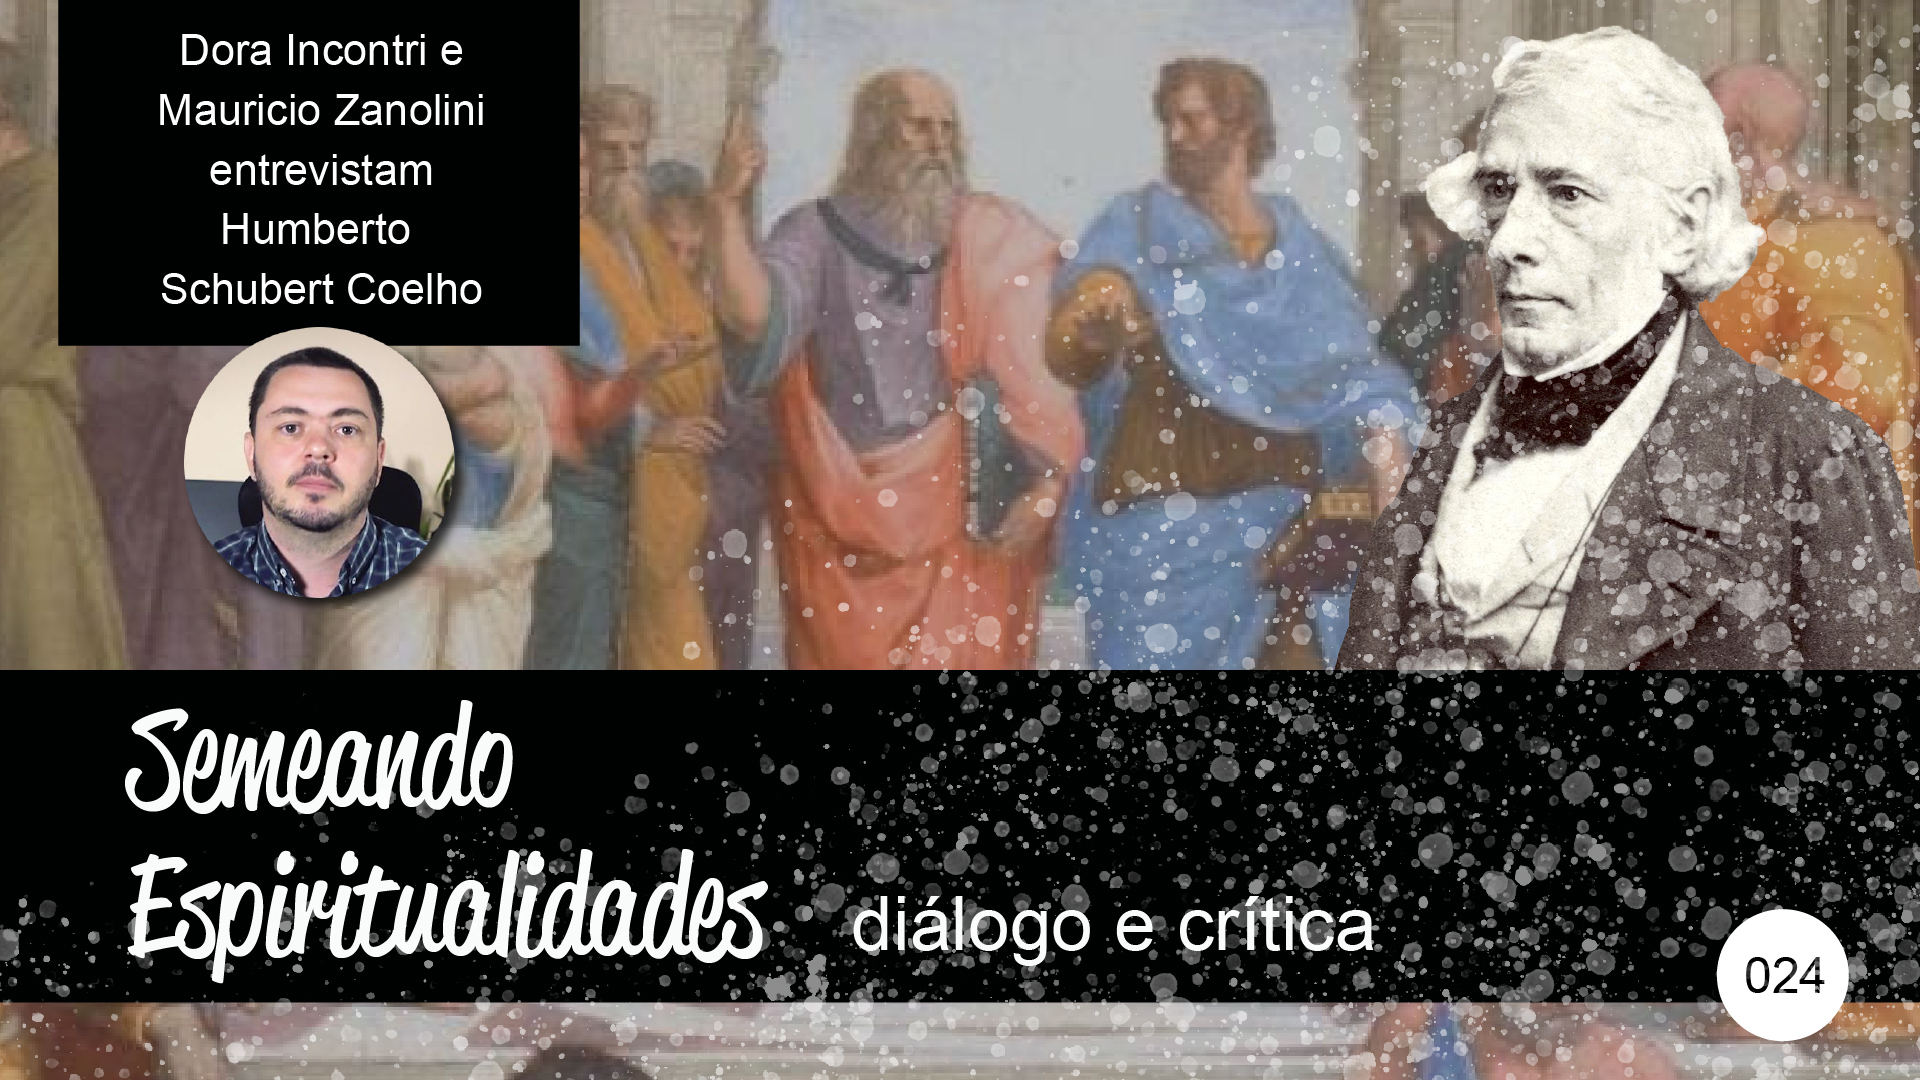 Semeando Espiritualidades – diálogo e crítica (023) – Filosofia Perene